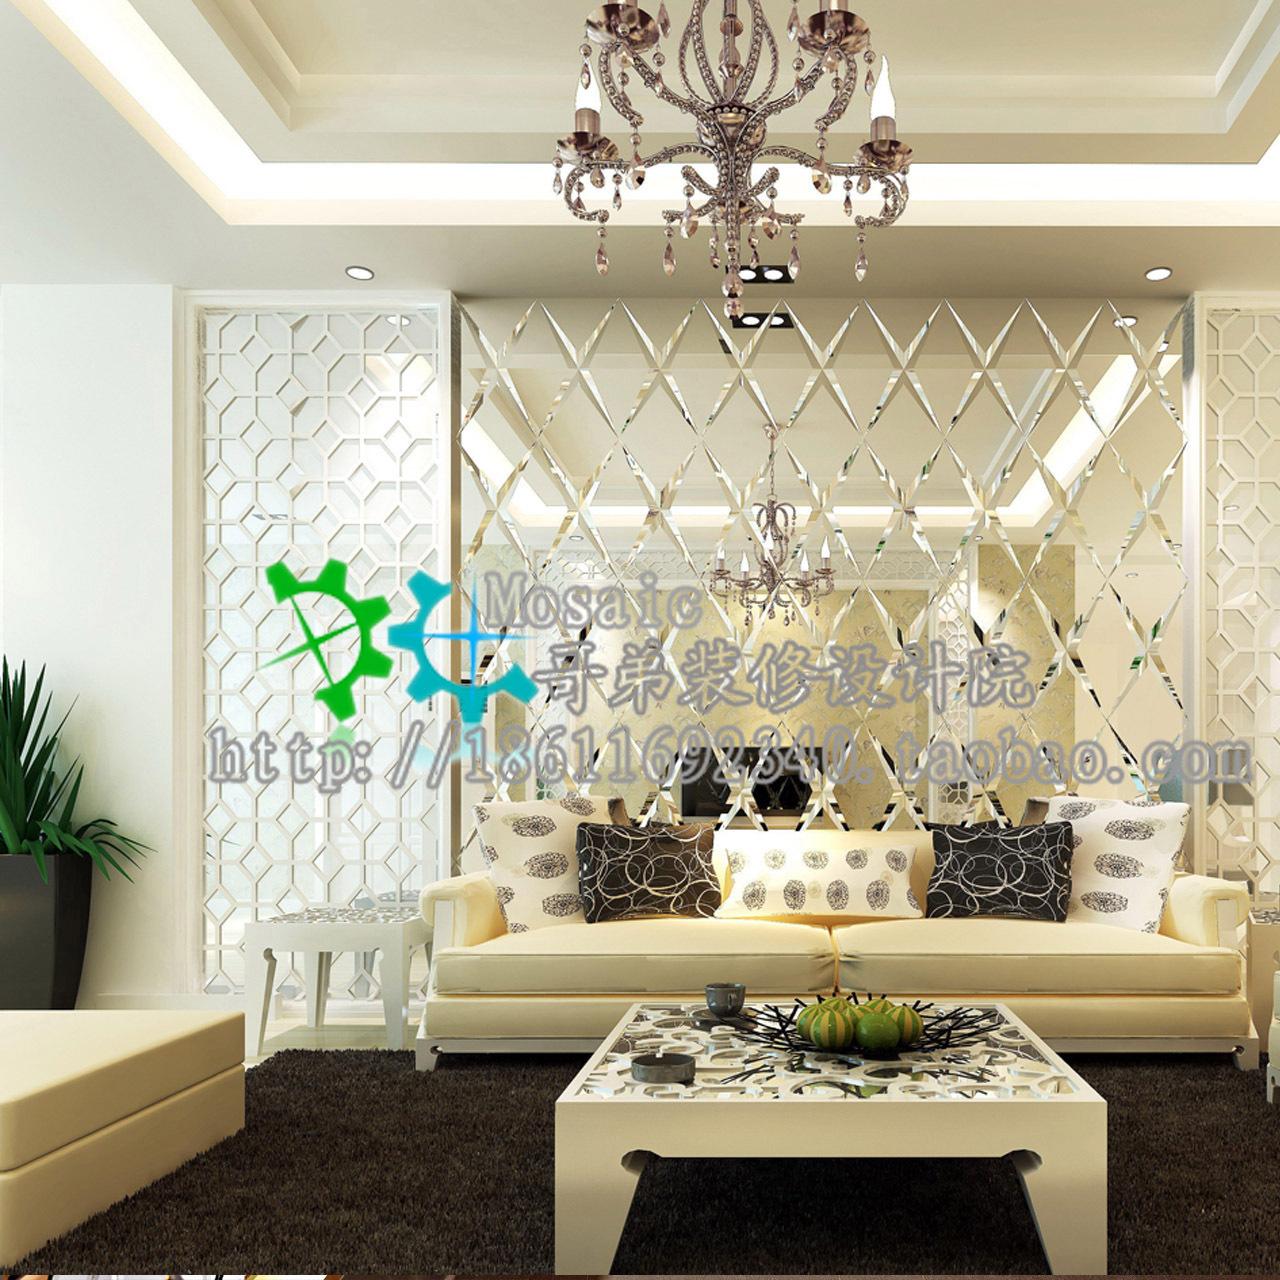 艺术玻璃玄关背景墙_专业定做 艺术玻璃 背景墙 菱形镜/拼镜/组合镜 银镜面